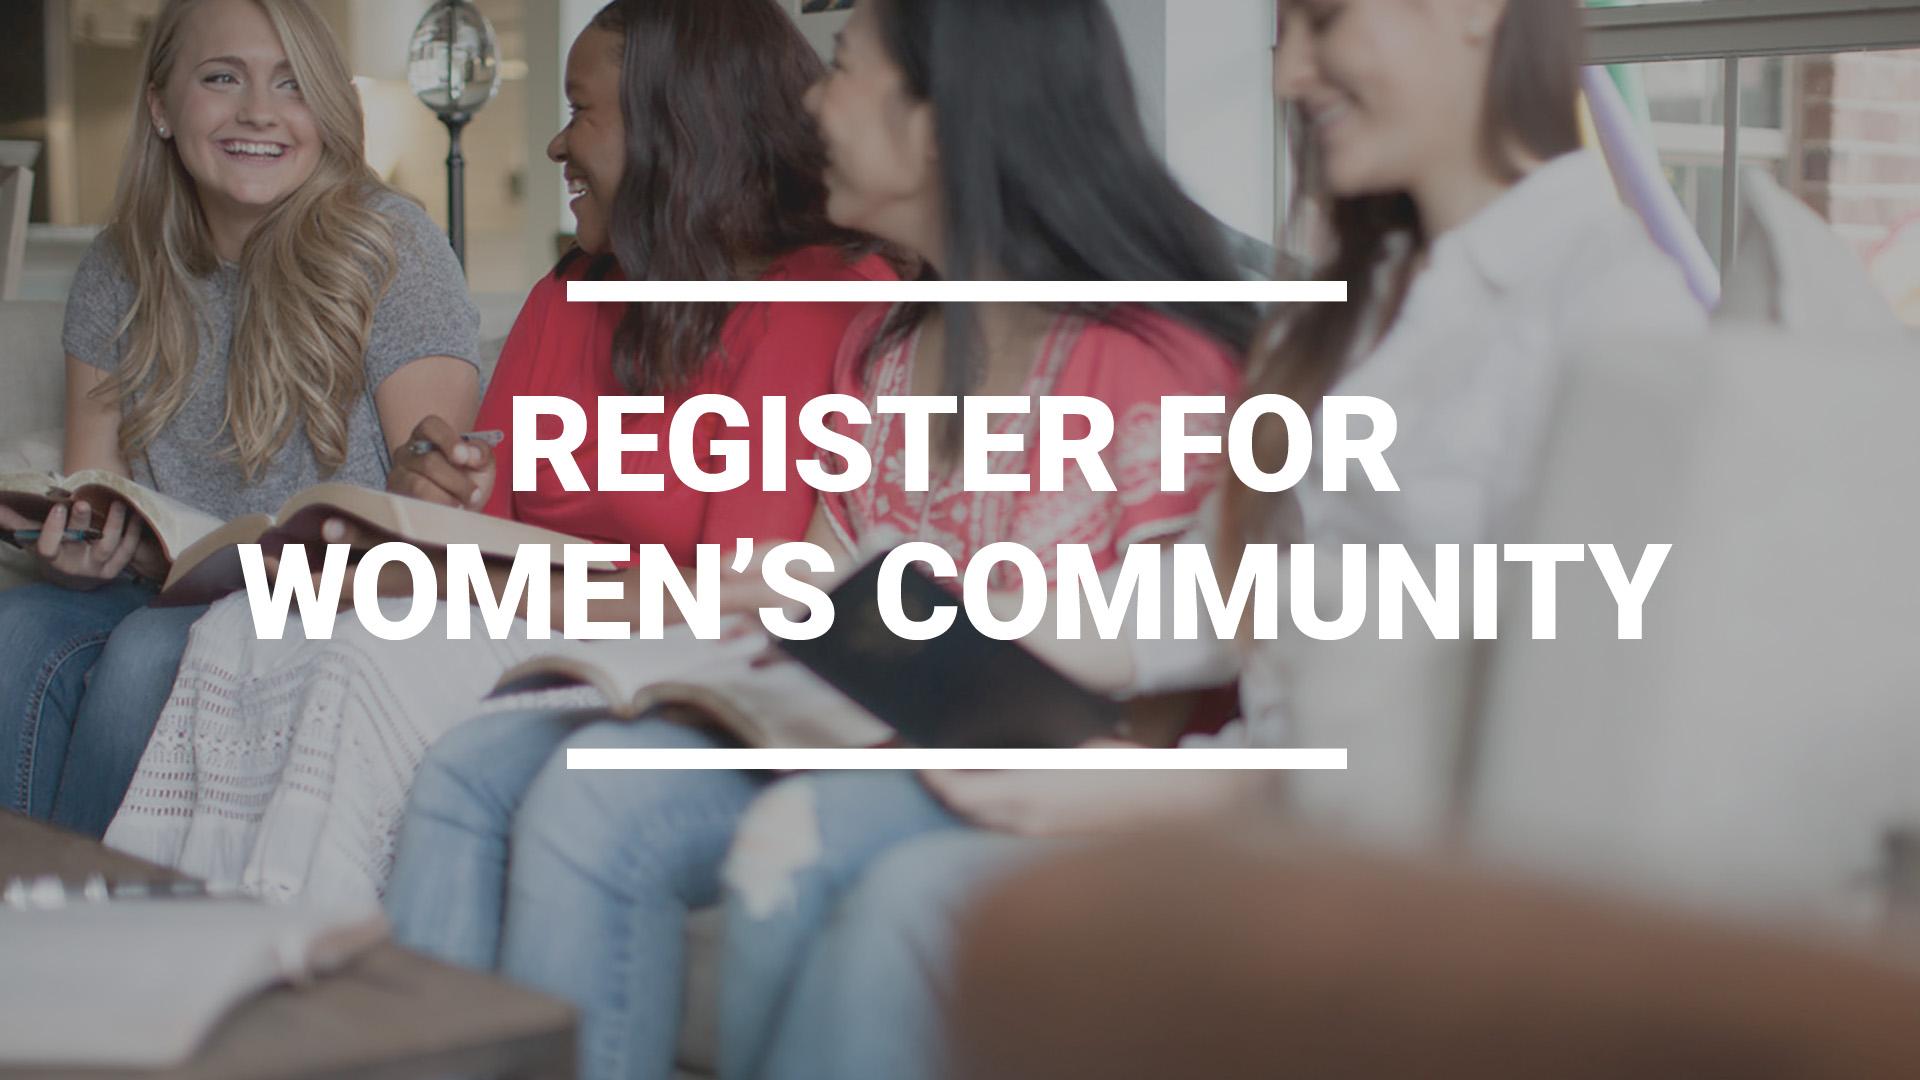 Register for Women's Community